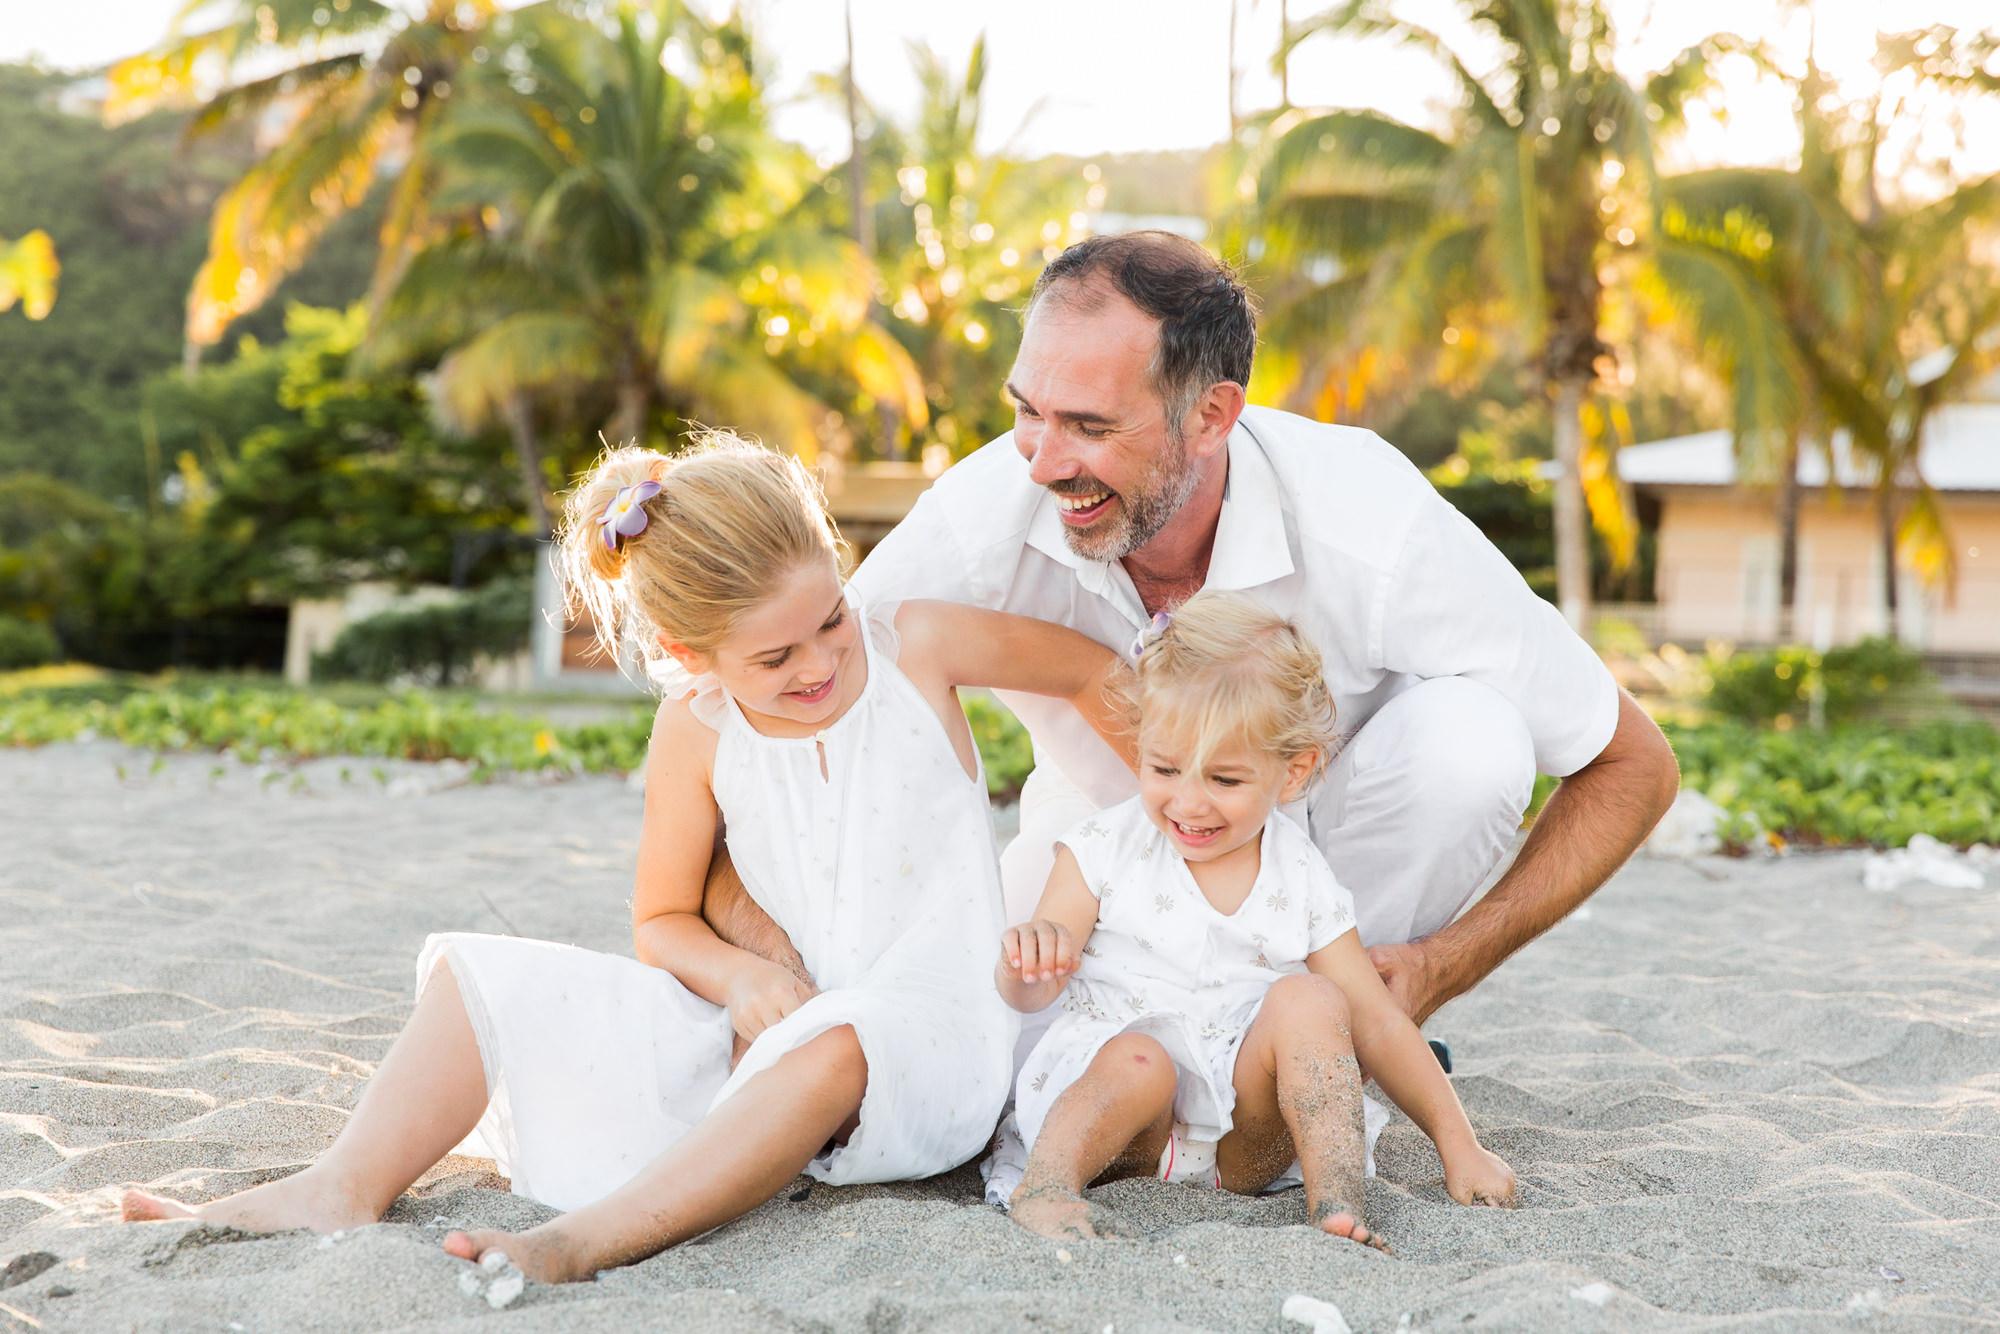 famille-enfant-plage-shooting-seancephoto-photographe-ilereunion-saintgilles-saintpaul